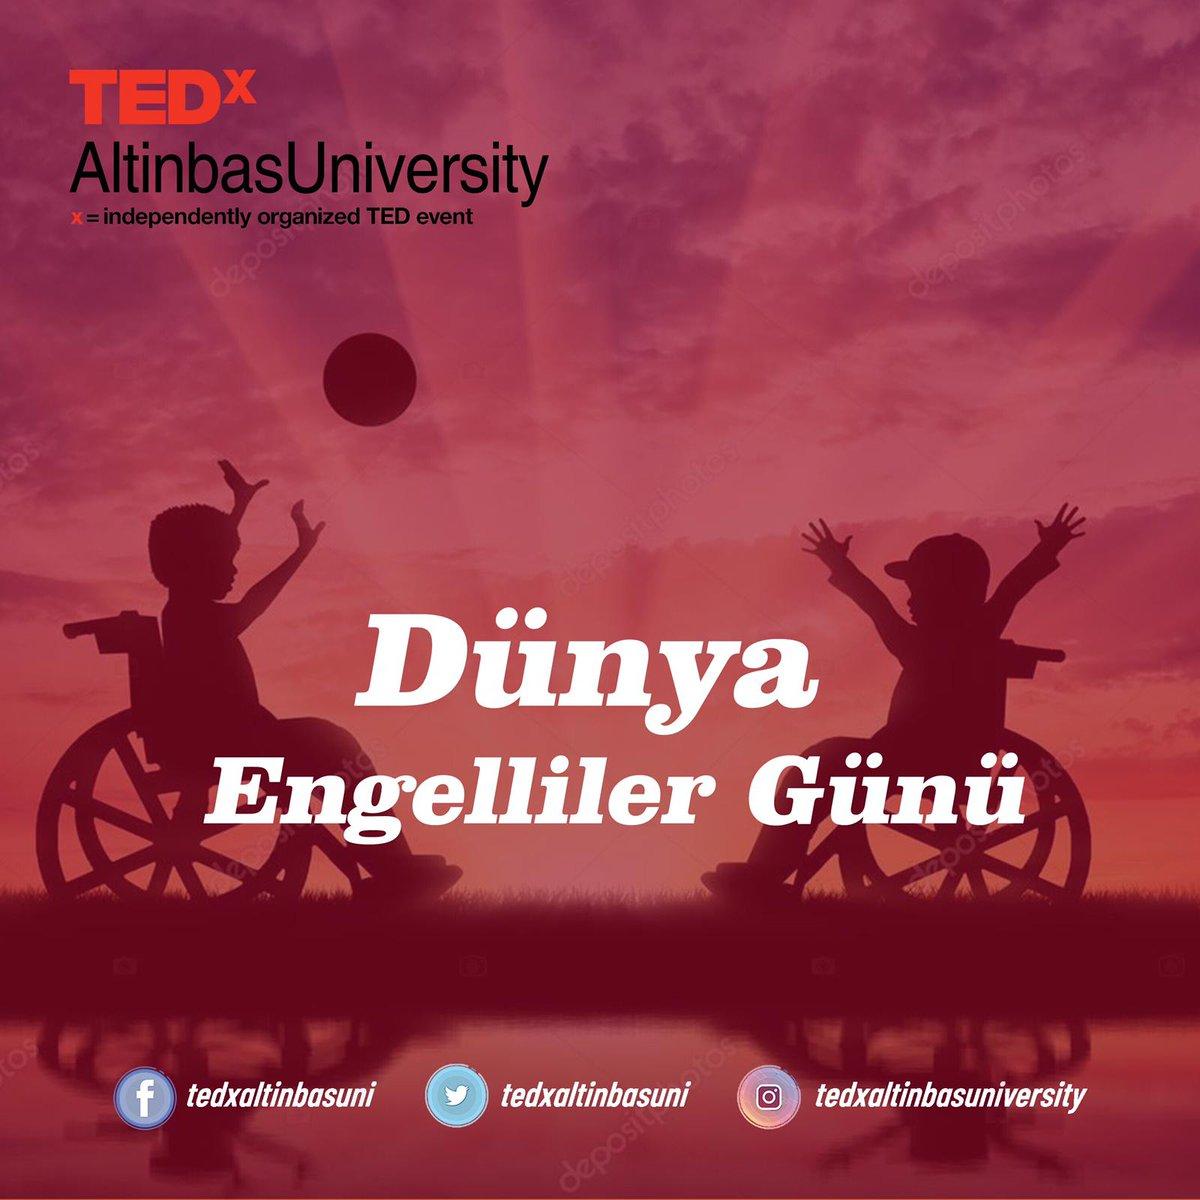 Engelleri kaldır, sadece bir gün değil her gün farkında ol! #3aralıkdünyaengellilergünü   #tedx  #tedxaltinbasuniversity    Tasarım ekibi: Seda Sönmez